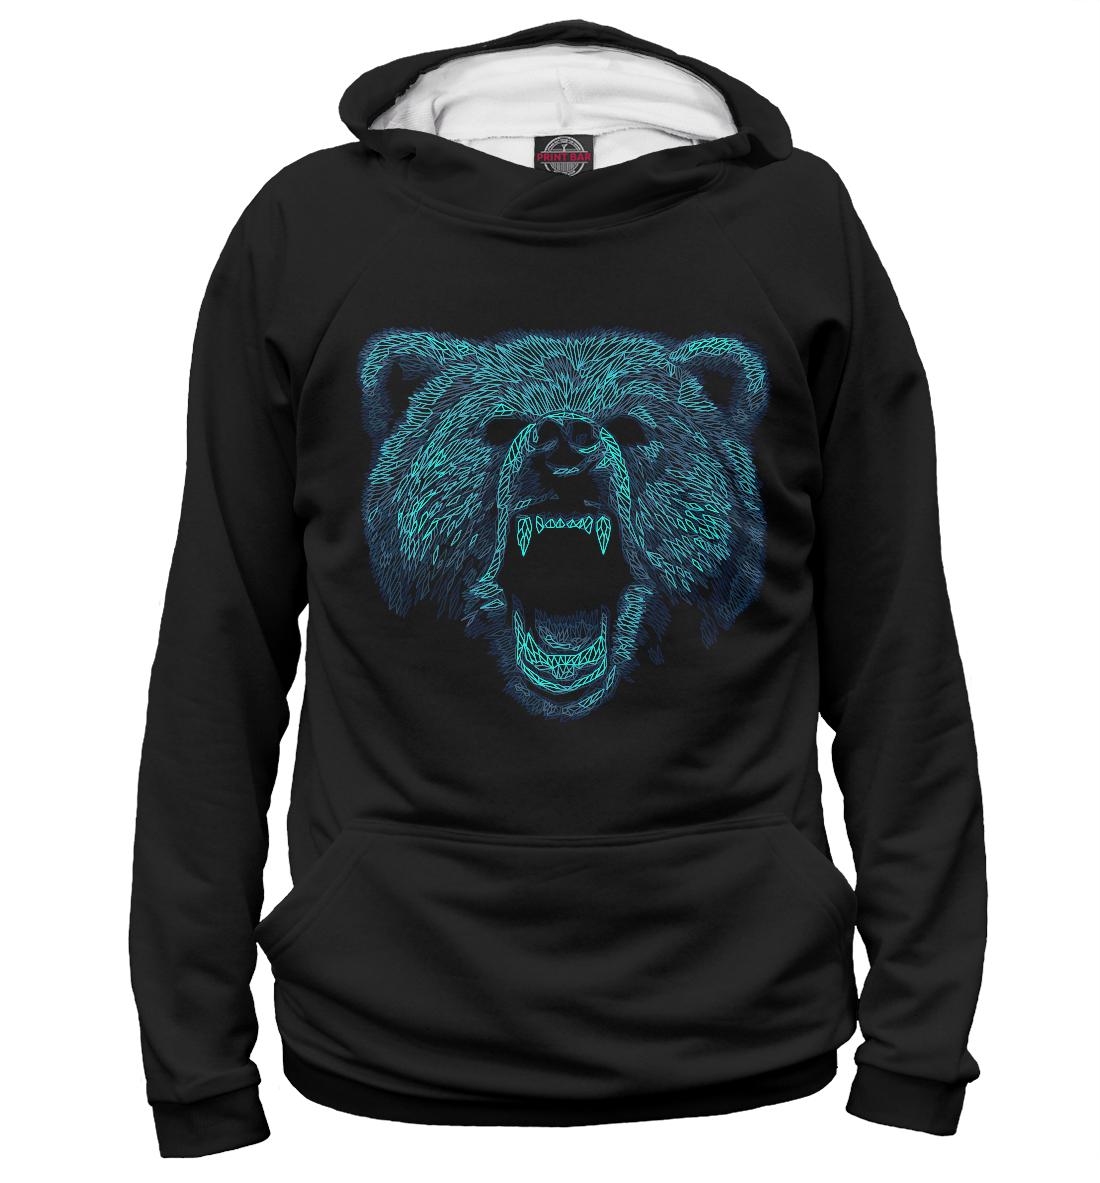 Купить Голова медвдея, Printbar, Худи, MED-871504-hud-1